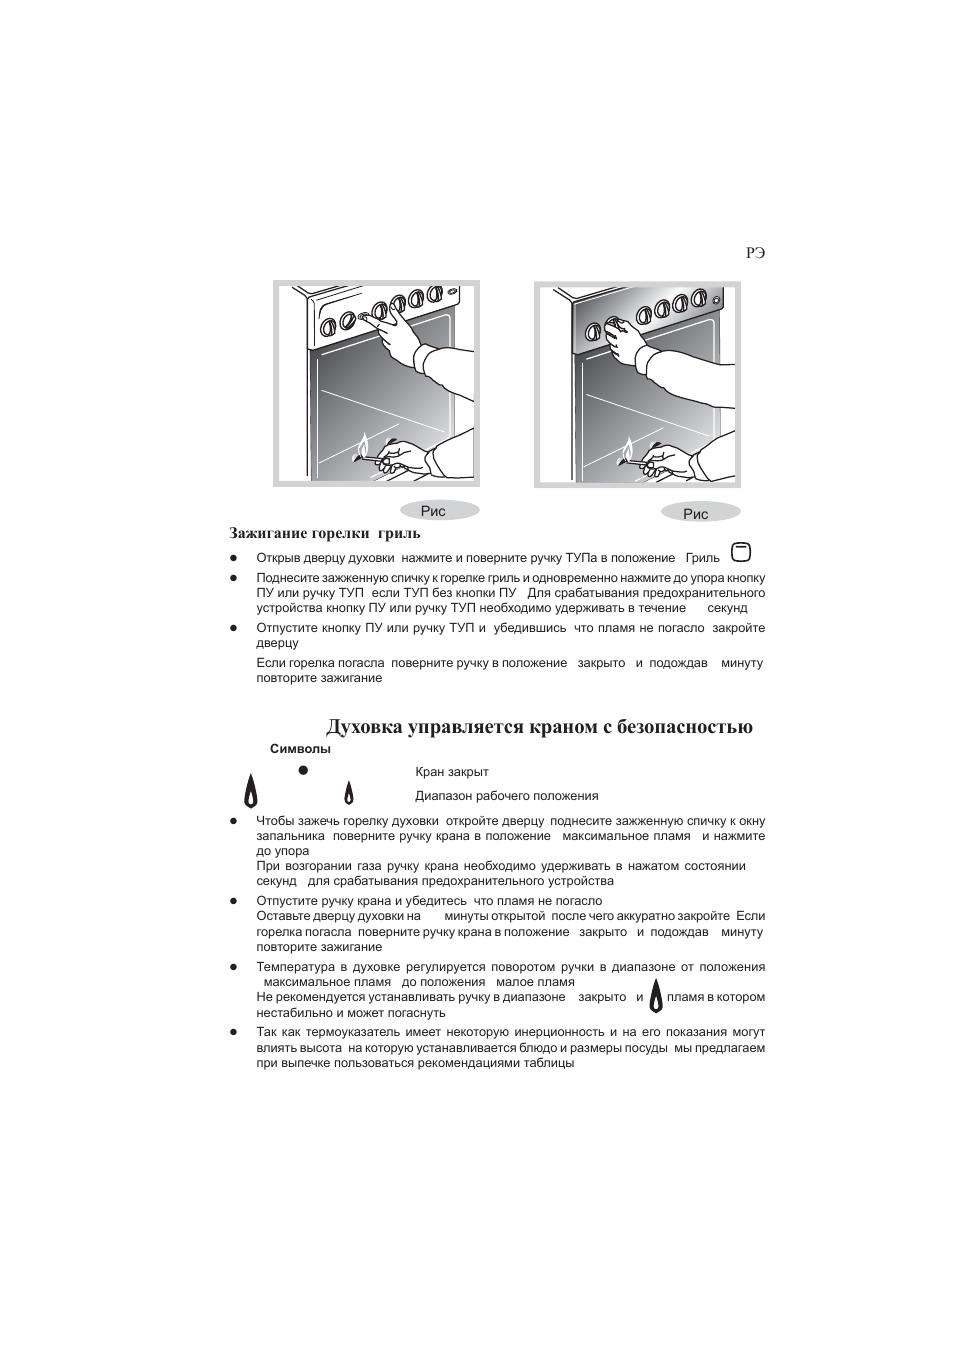 инструкция газовой плиты гефест 3200-08